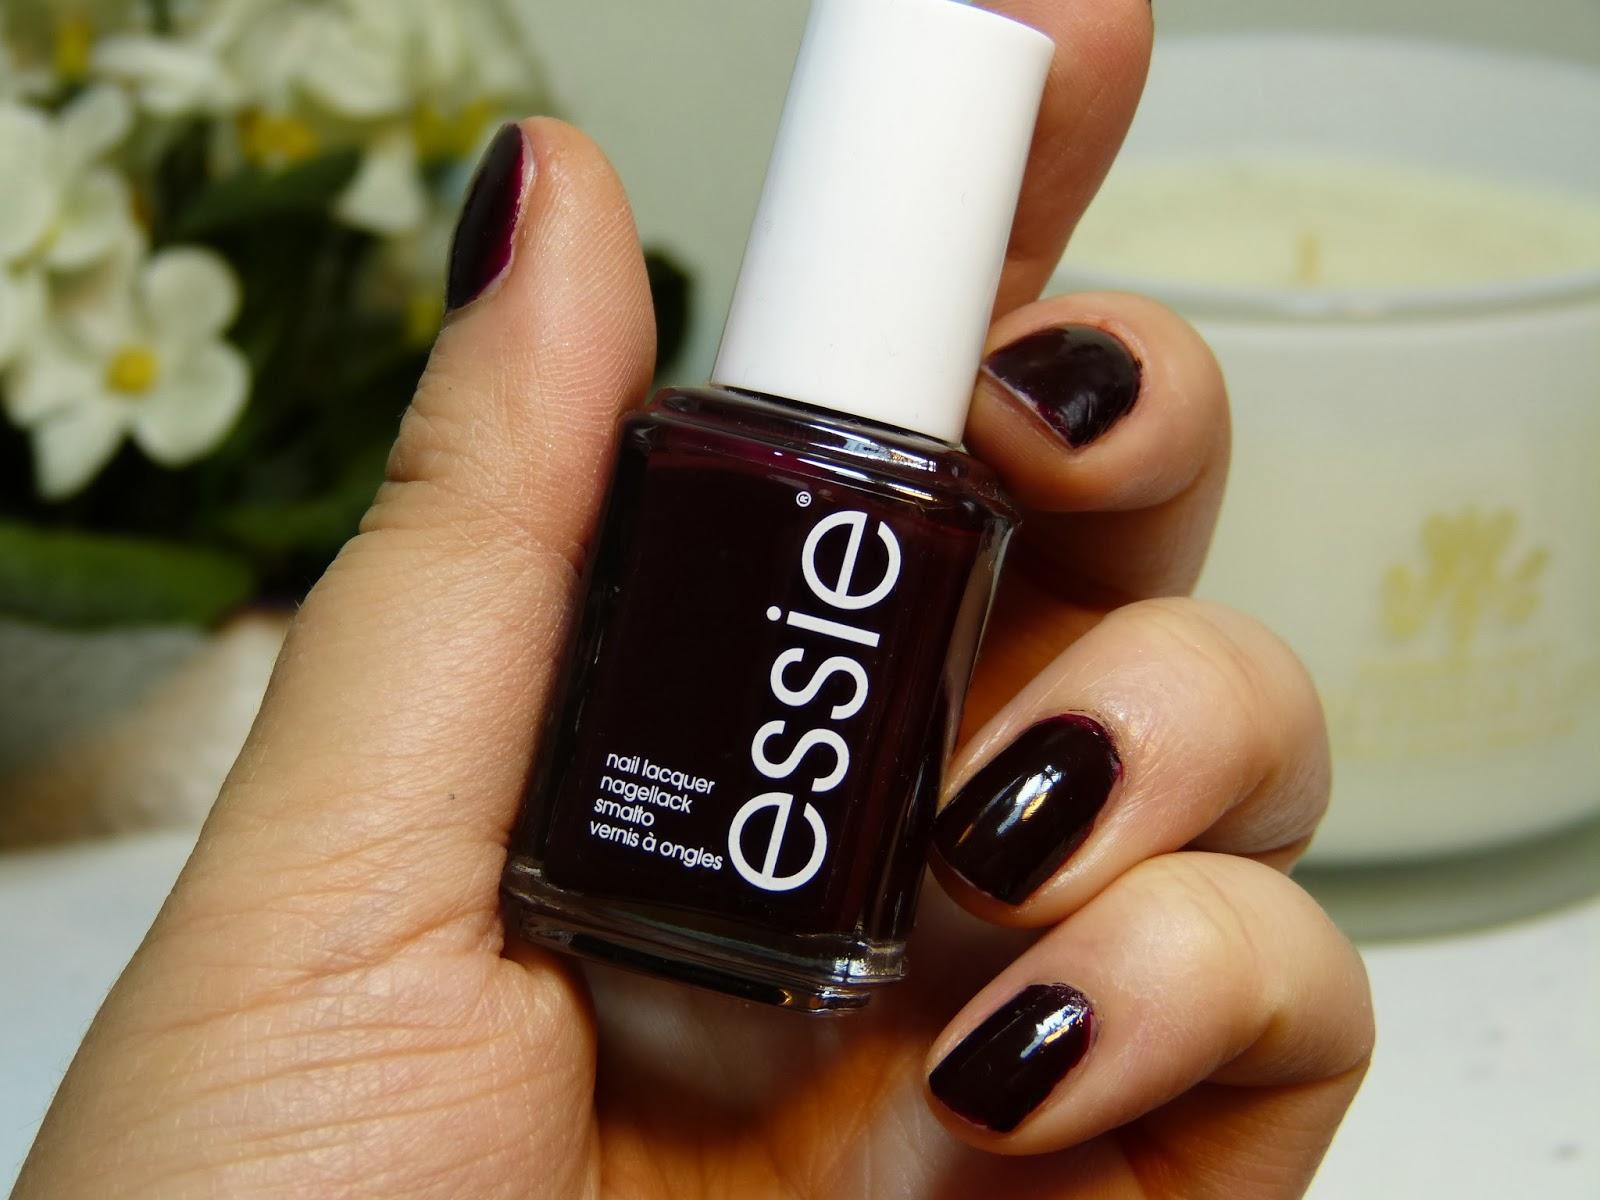 Essie diyor ki Essie Oje